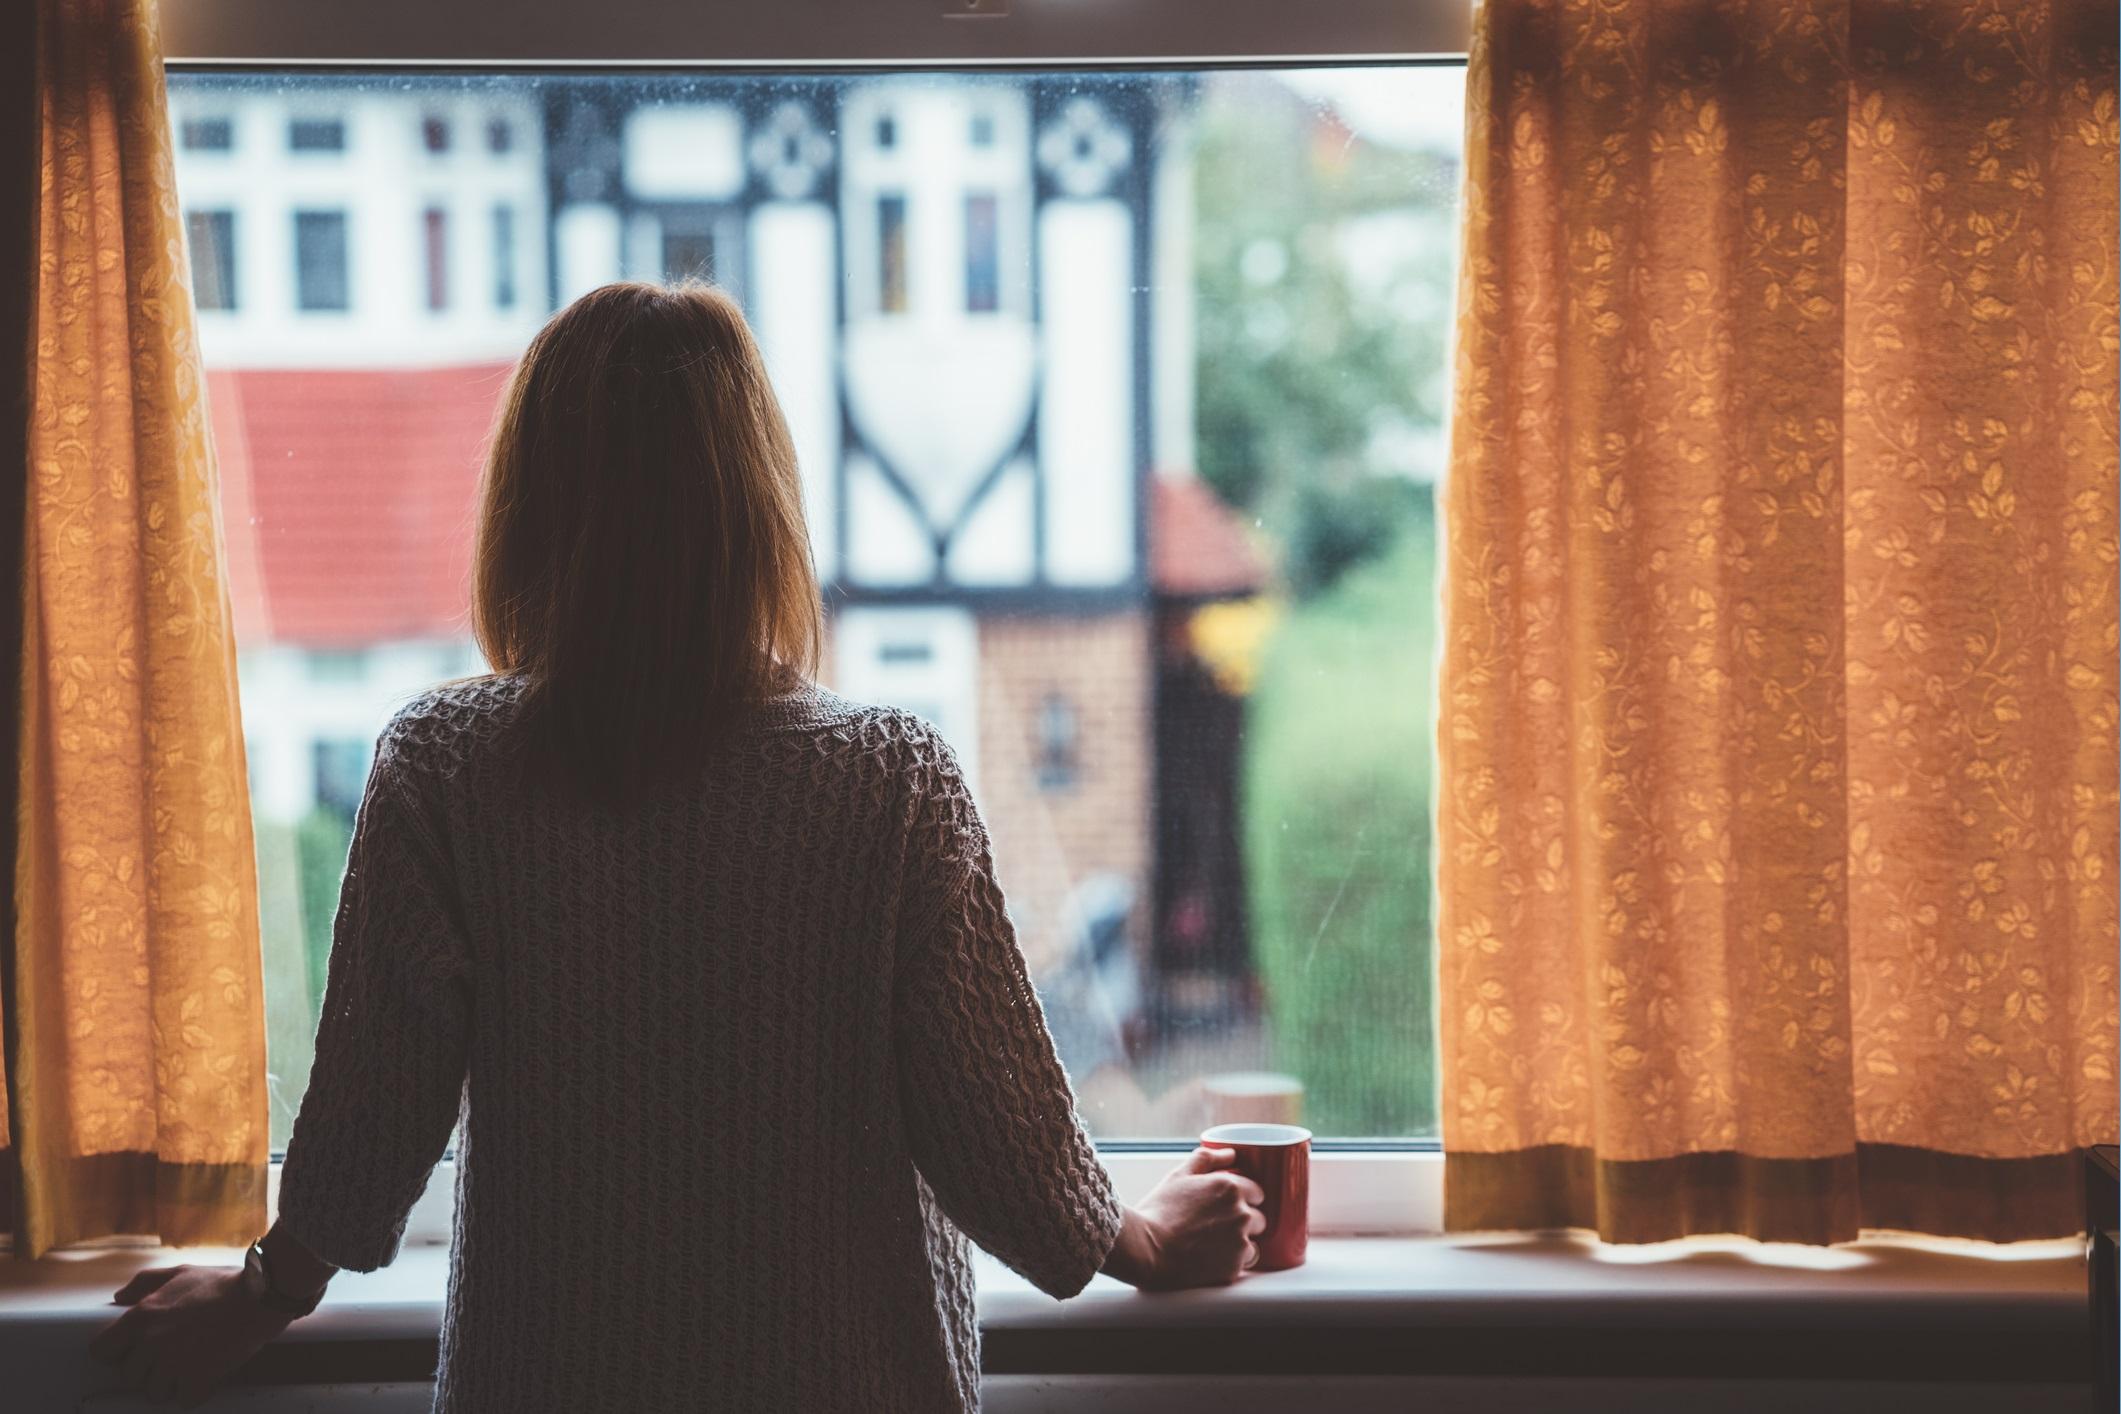 <p><strong>Самота </strong>Самотата убива в съвсем буквалния смисъл на думата. Липсата на социални контакти може да бъде пряка причина за смъртта (няма кой да помогне, ако се разболеете или нараните) или може да убива бавно. Според Джулиан Холт-Лунстад, психолог от университета в Бирмингам, самотата съкращава продължителността на живота по същия начин, както навикът да се пушат по 15 цигари на ден.</p>